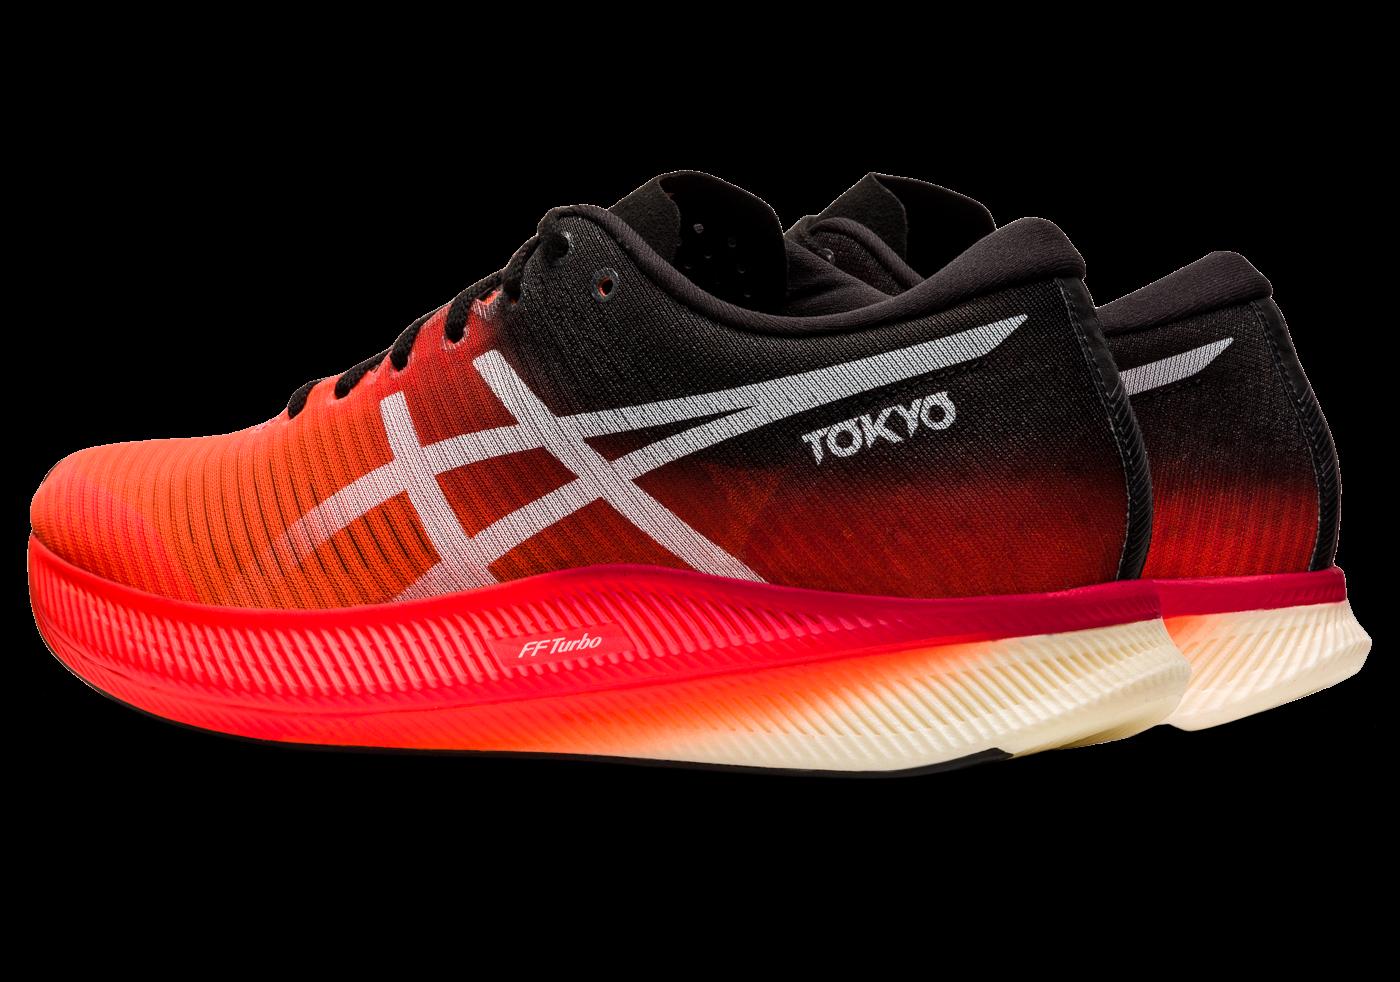 scarpe da running con la piastra in carbonio